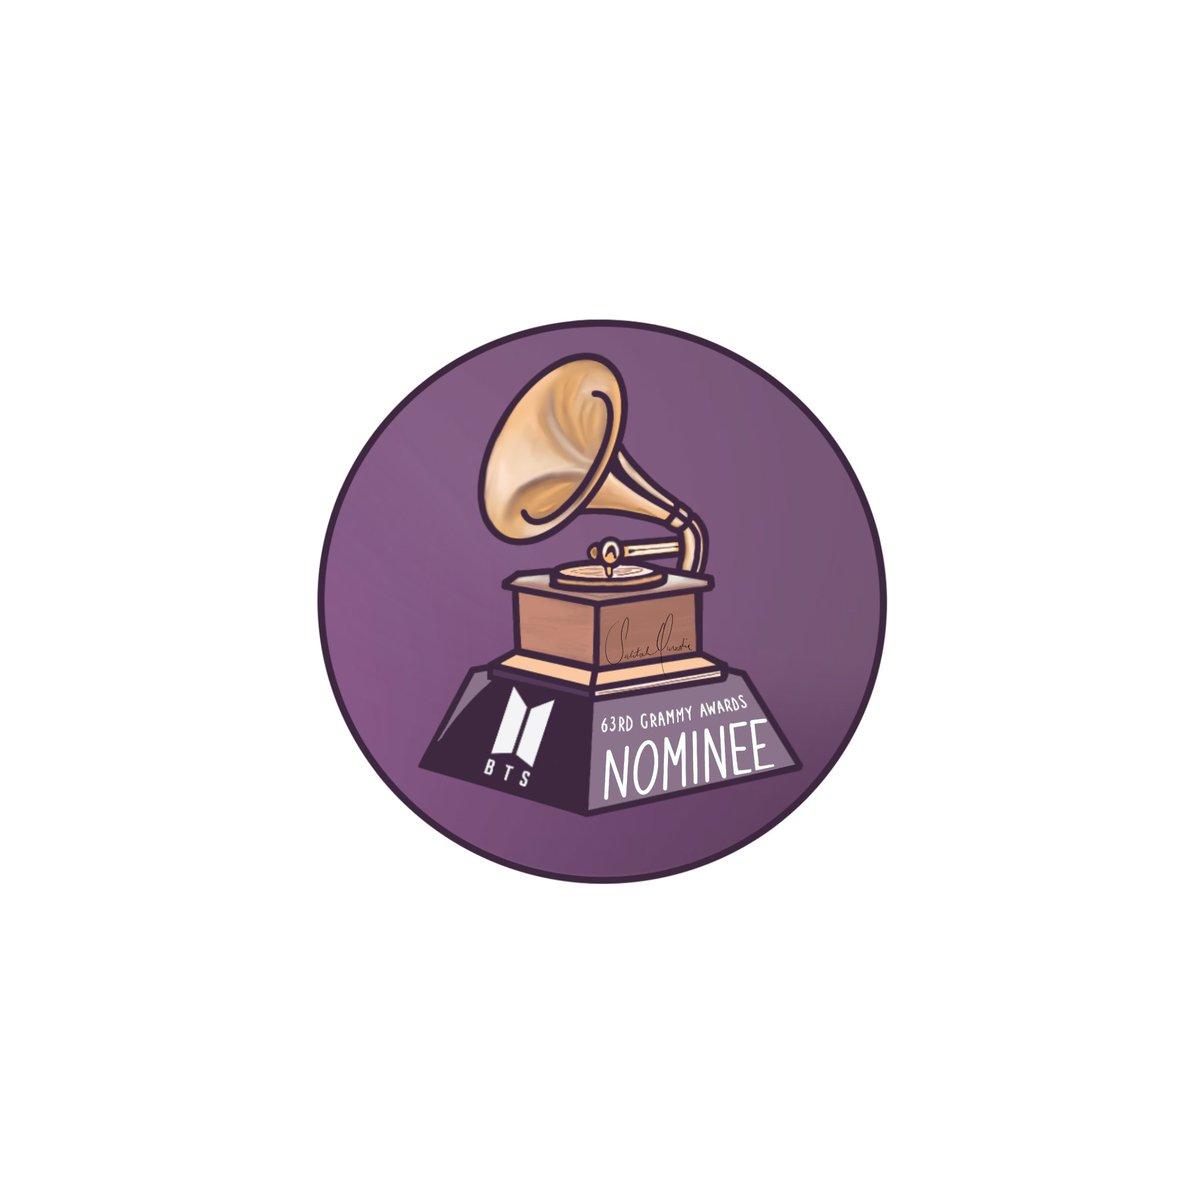 Nominee is going to change to Winner!   @BTS_twt  #인터내셔널팝케이센세이션_중략_핫백1위그래미노미네이트BTS #InternationalPopKSensation_Ellipsis_Hot100No1GrammyNominatedBTS